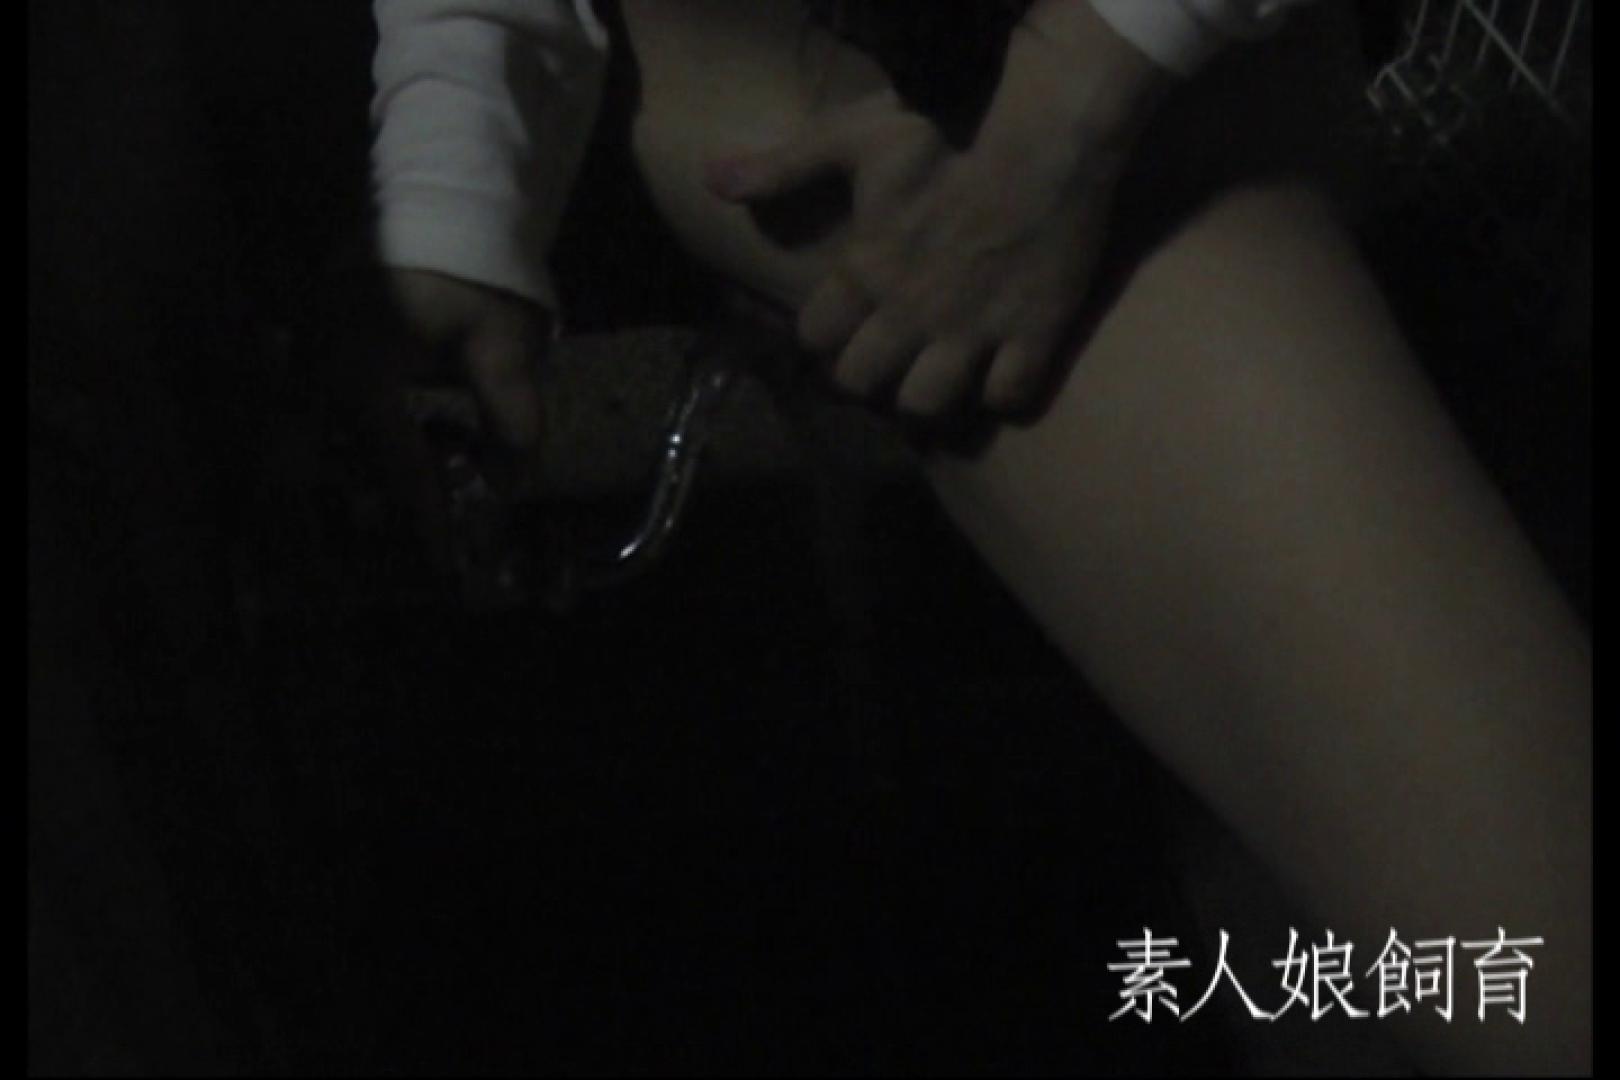 素人娘飼育~お前の餌は他人棒~公園でバイブとお漏らし 一般投稿 盗み撮り動画 77pic 57